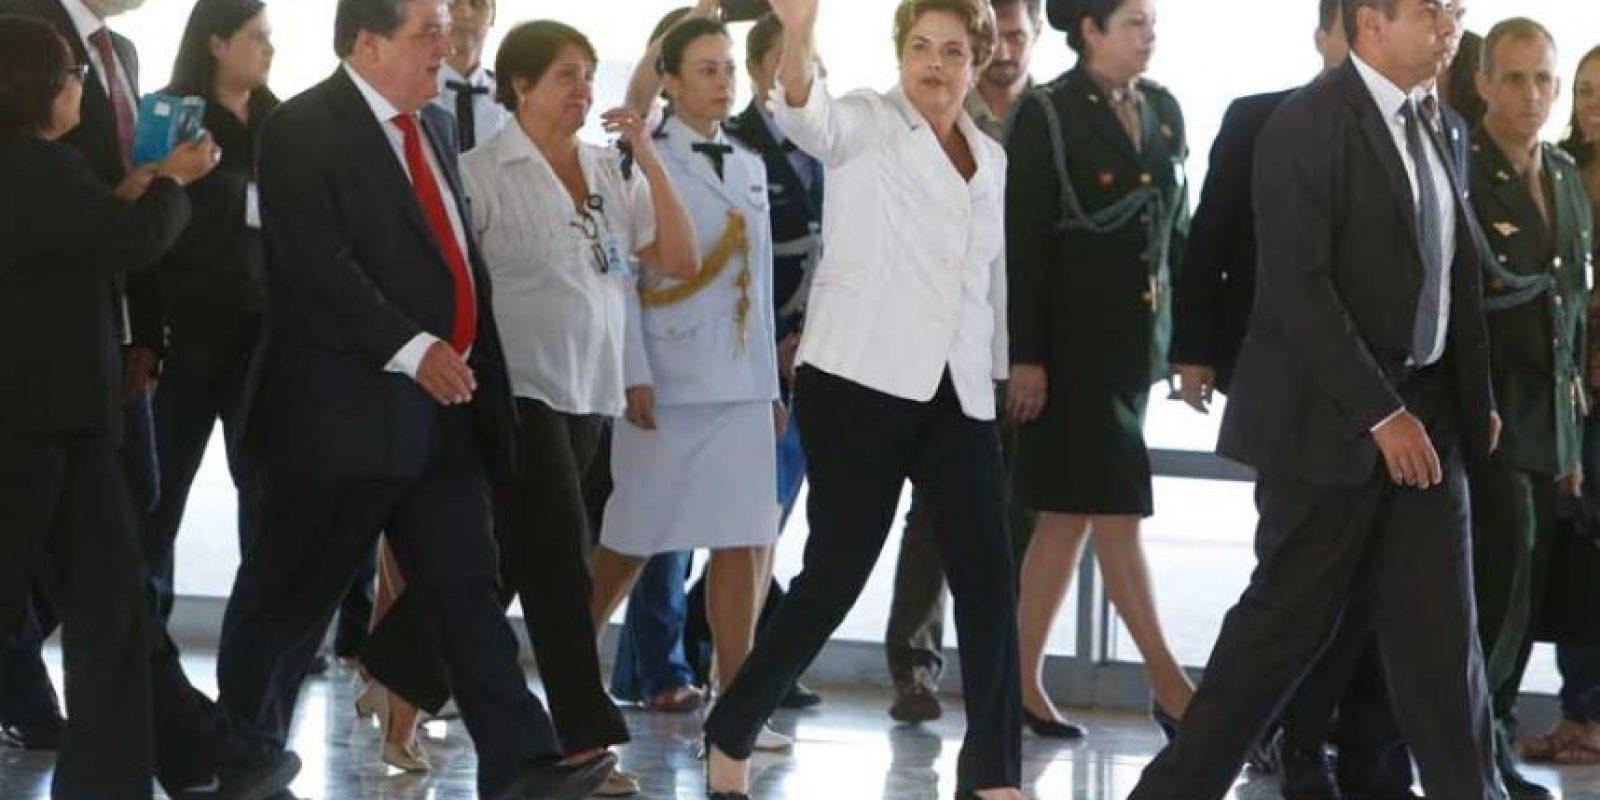 Las crisis política en la que está sumido Brasil tiene atemorizado al COI, mientras que los partidarios de Rousseff podrían usar el evento para sus manifestarse a favor de la política brasileña. Foto:Getty Images